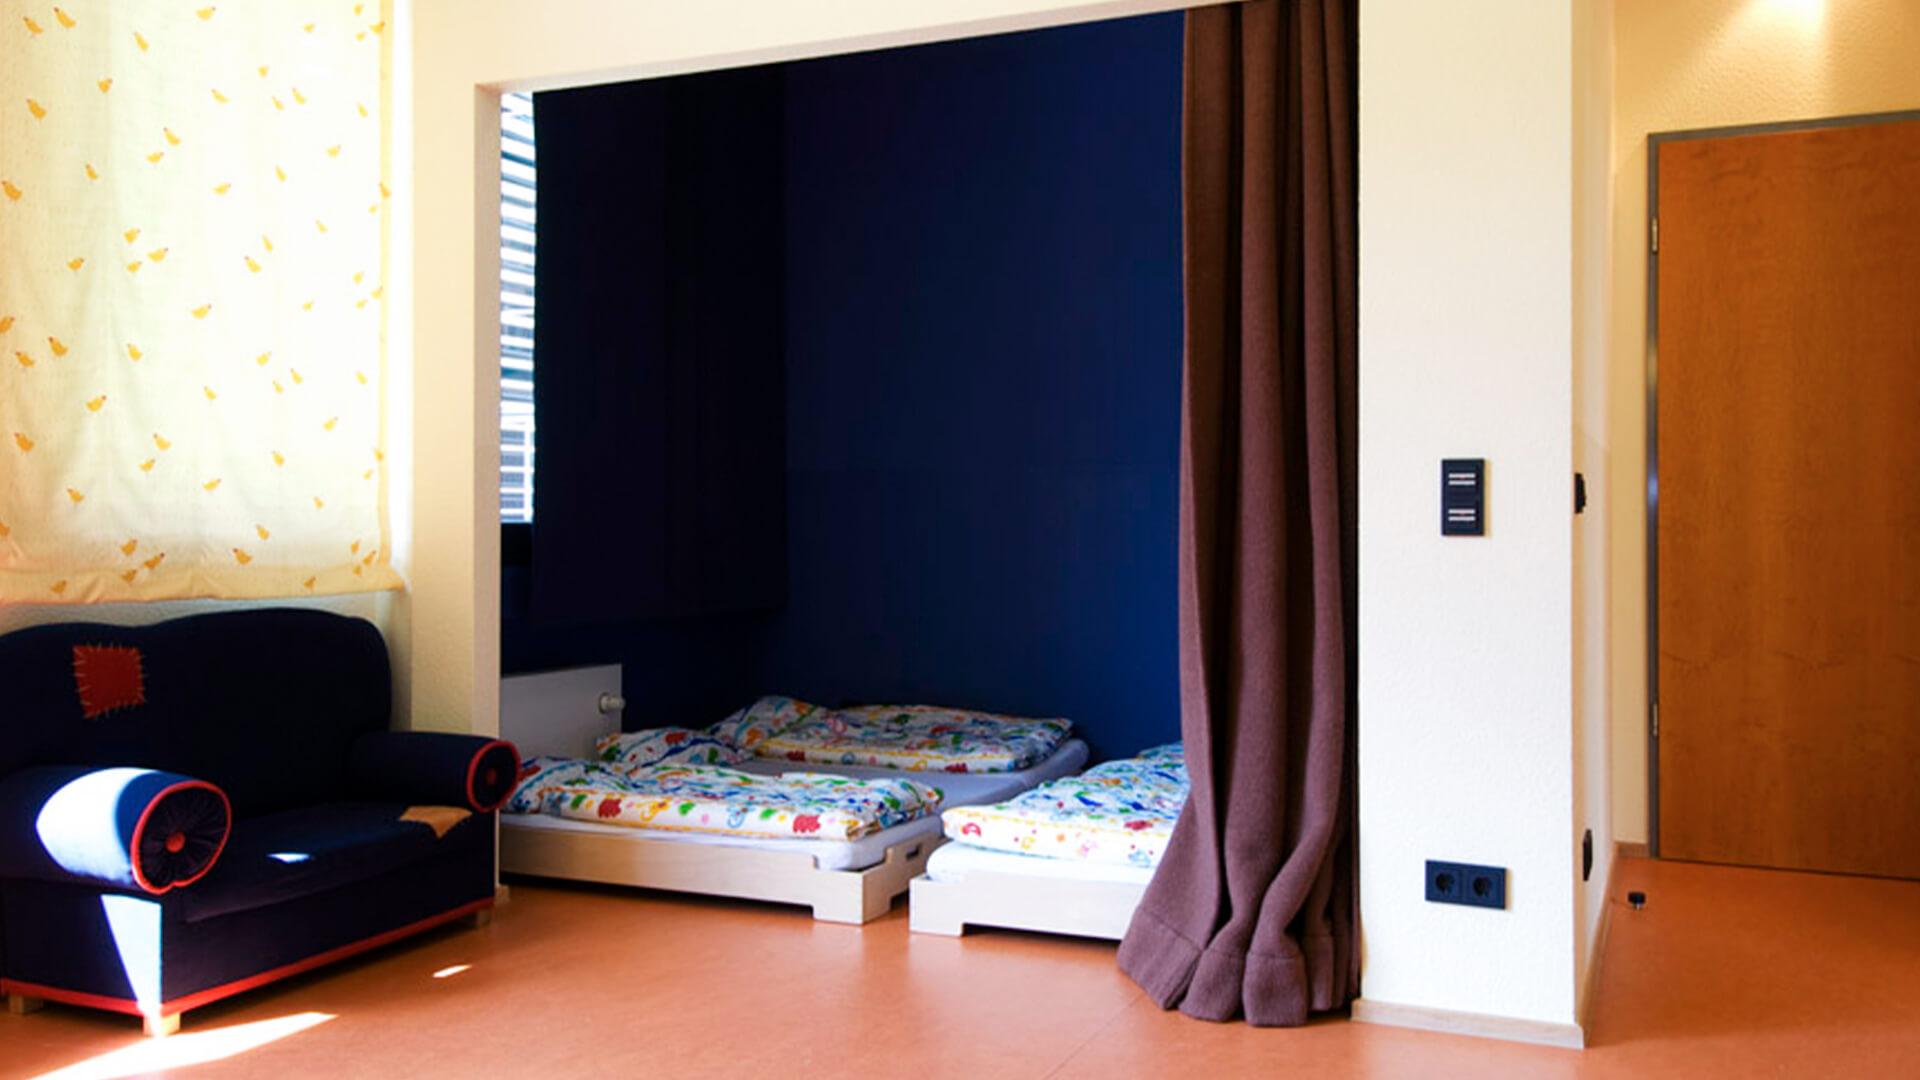 Ruheraum im Betriebskindergarten Köln, mit Couch und bodennahen Betten